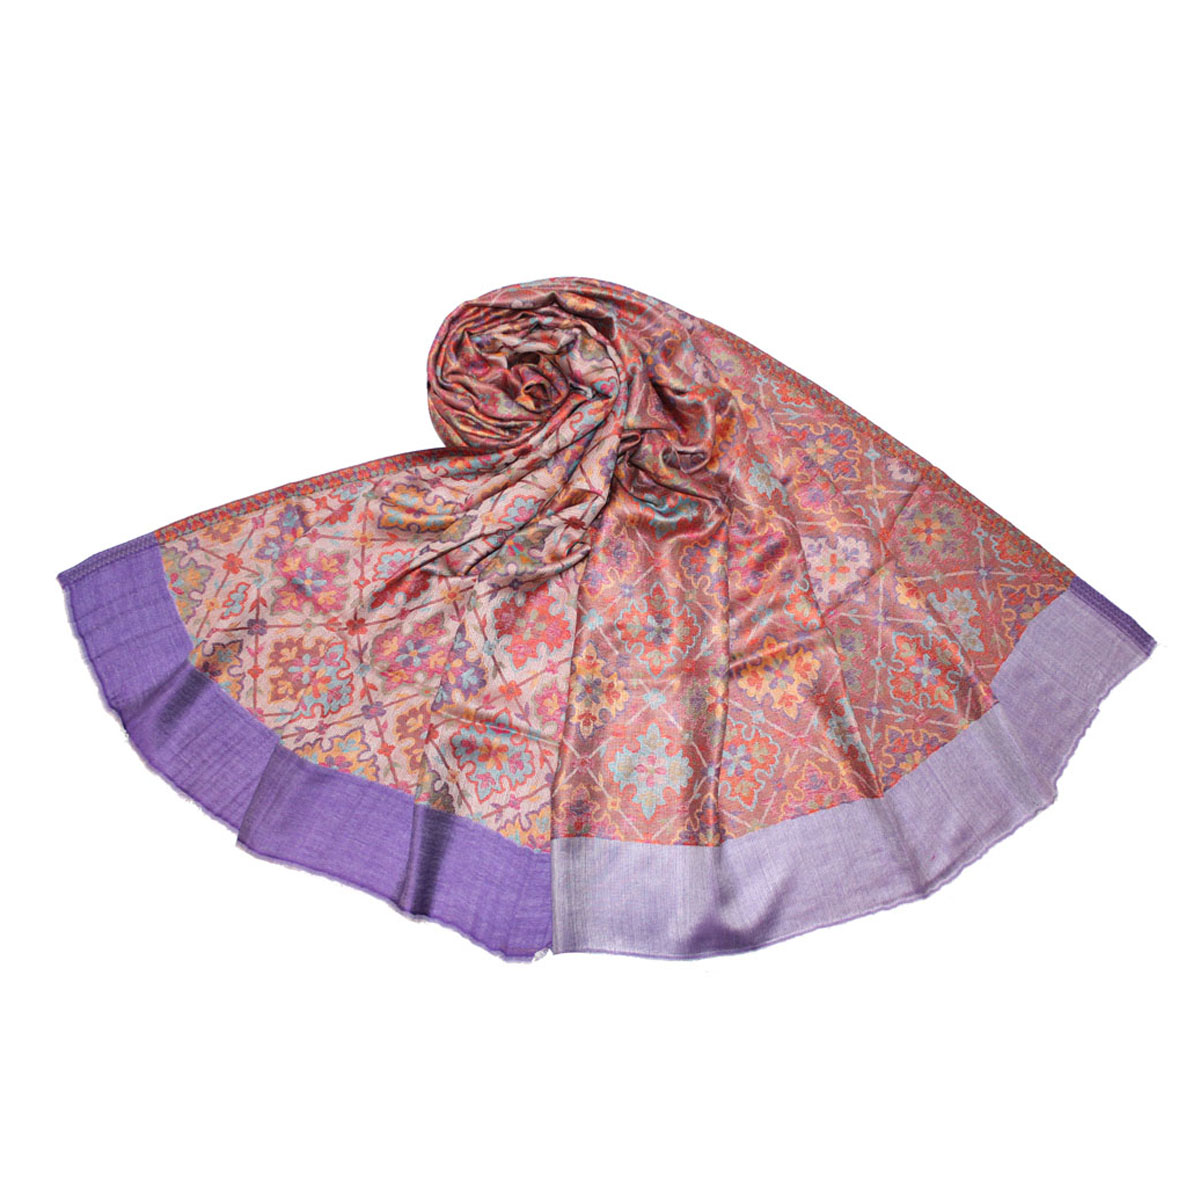 Палантин Ethnica, цвет: фиолетовый, оранжевый, бежевый. 499300н. Размер 70 см х 180